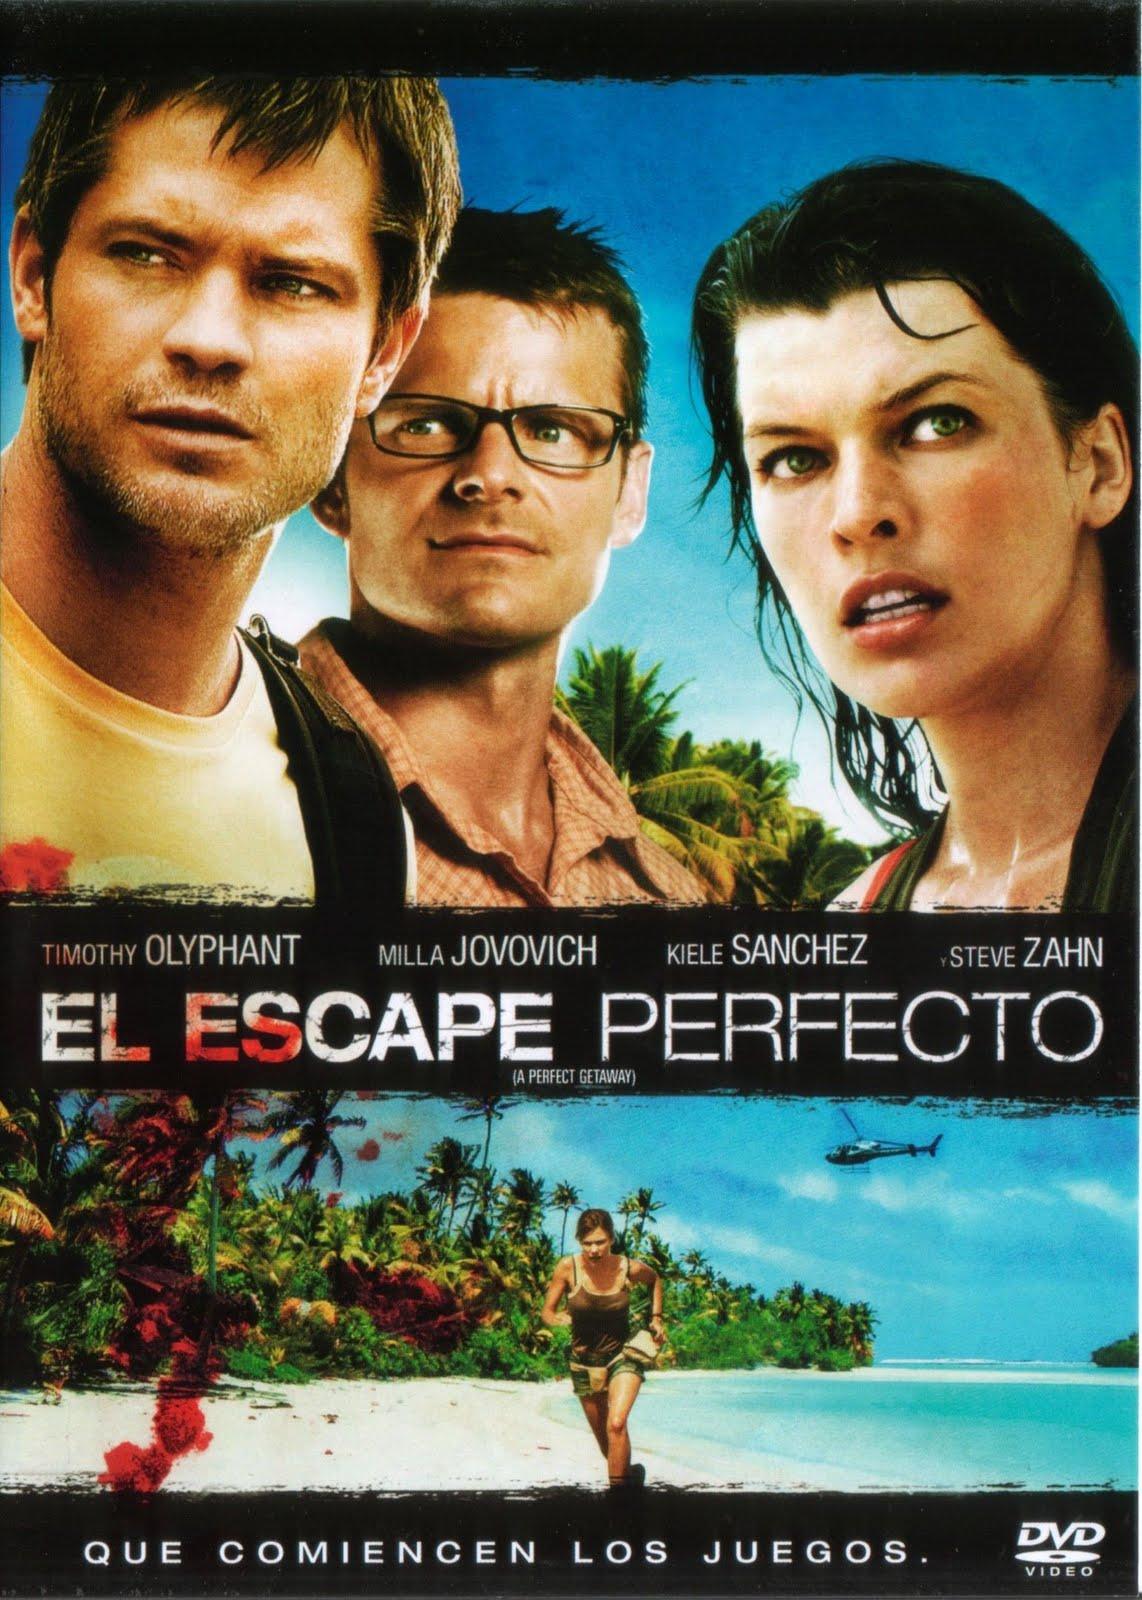 http://4.bp.blogspot.com/_OTq6s1gvQgI/TJQ8rNApNII/AAAAAAAAAnk/3DUq181Ma-s/s1600/El+Escape+Perfecto.jpg